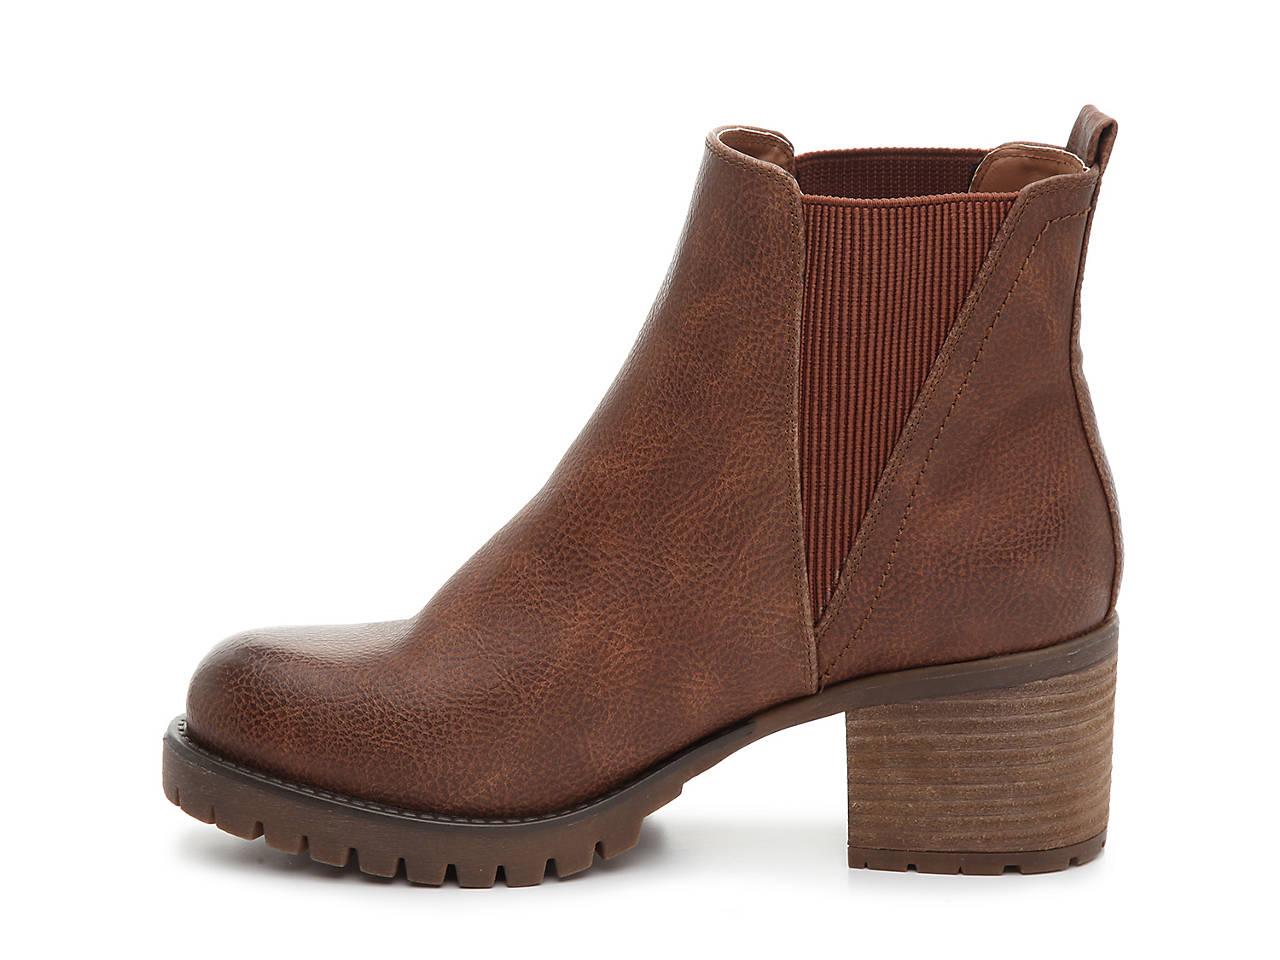 759da42d0c Mia Jody Chelsea Boot Women's Shoes | DSW